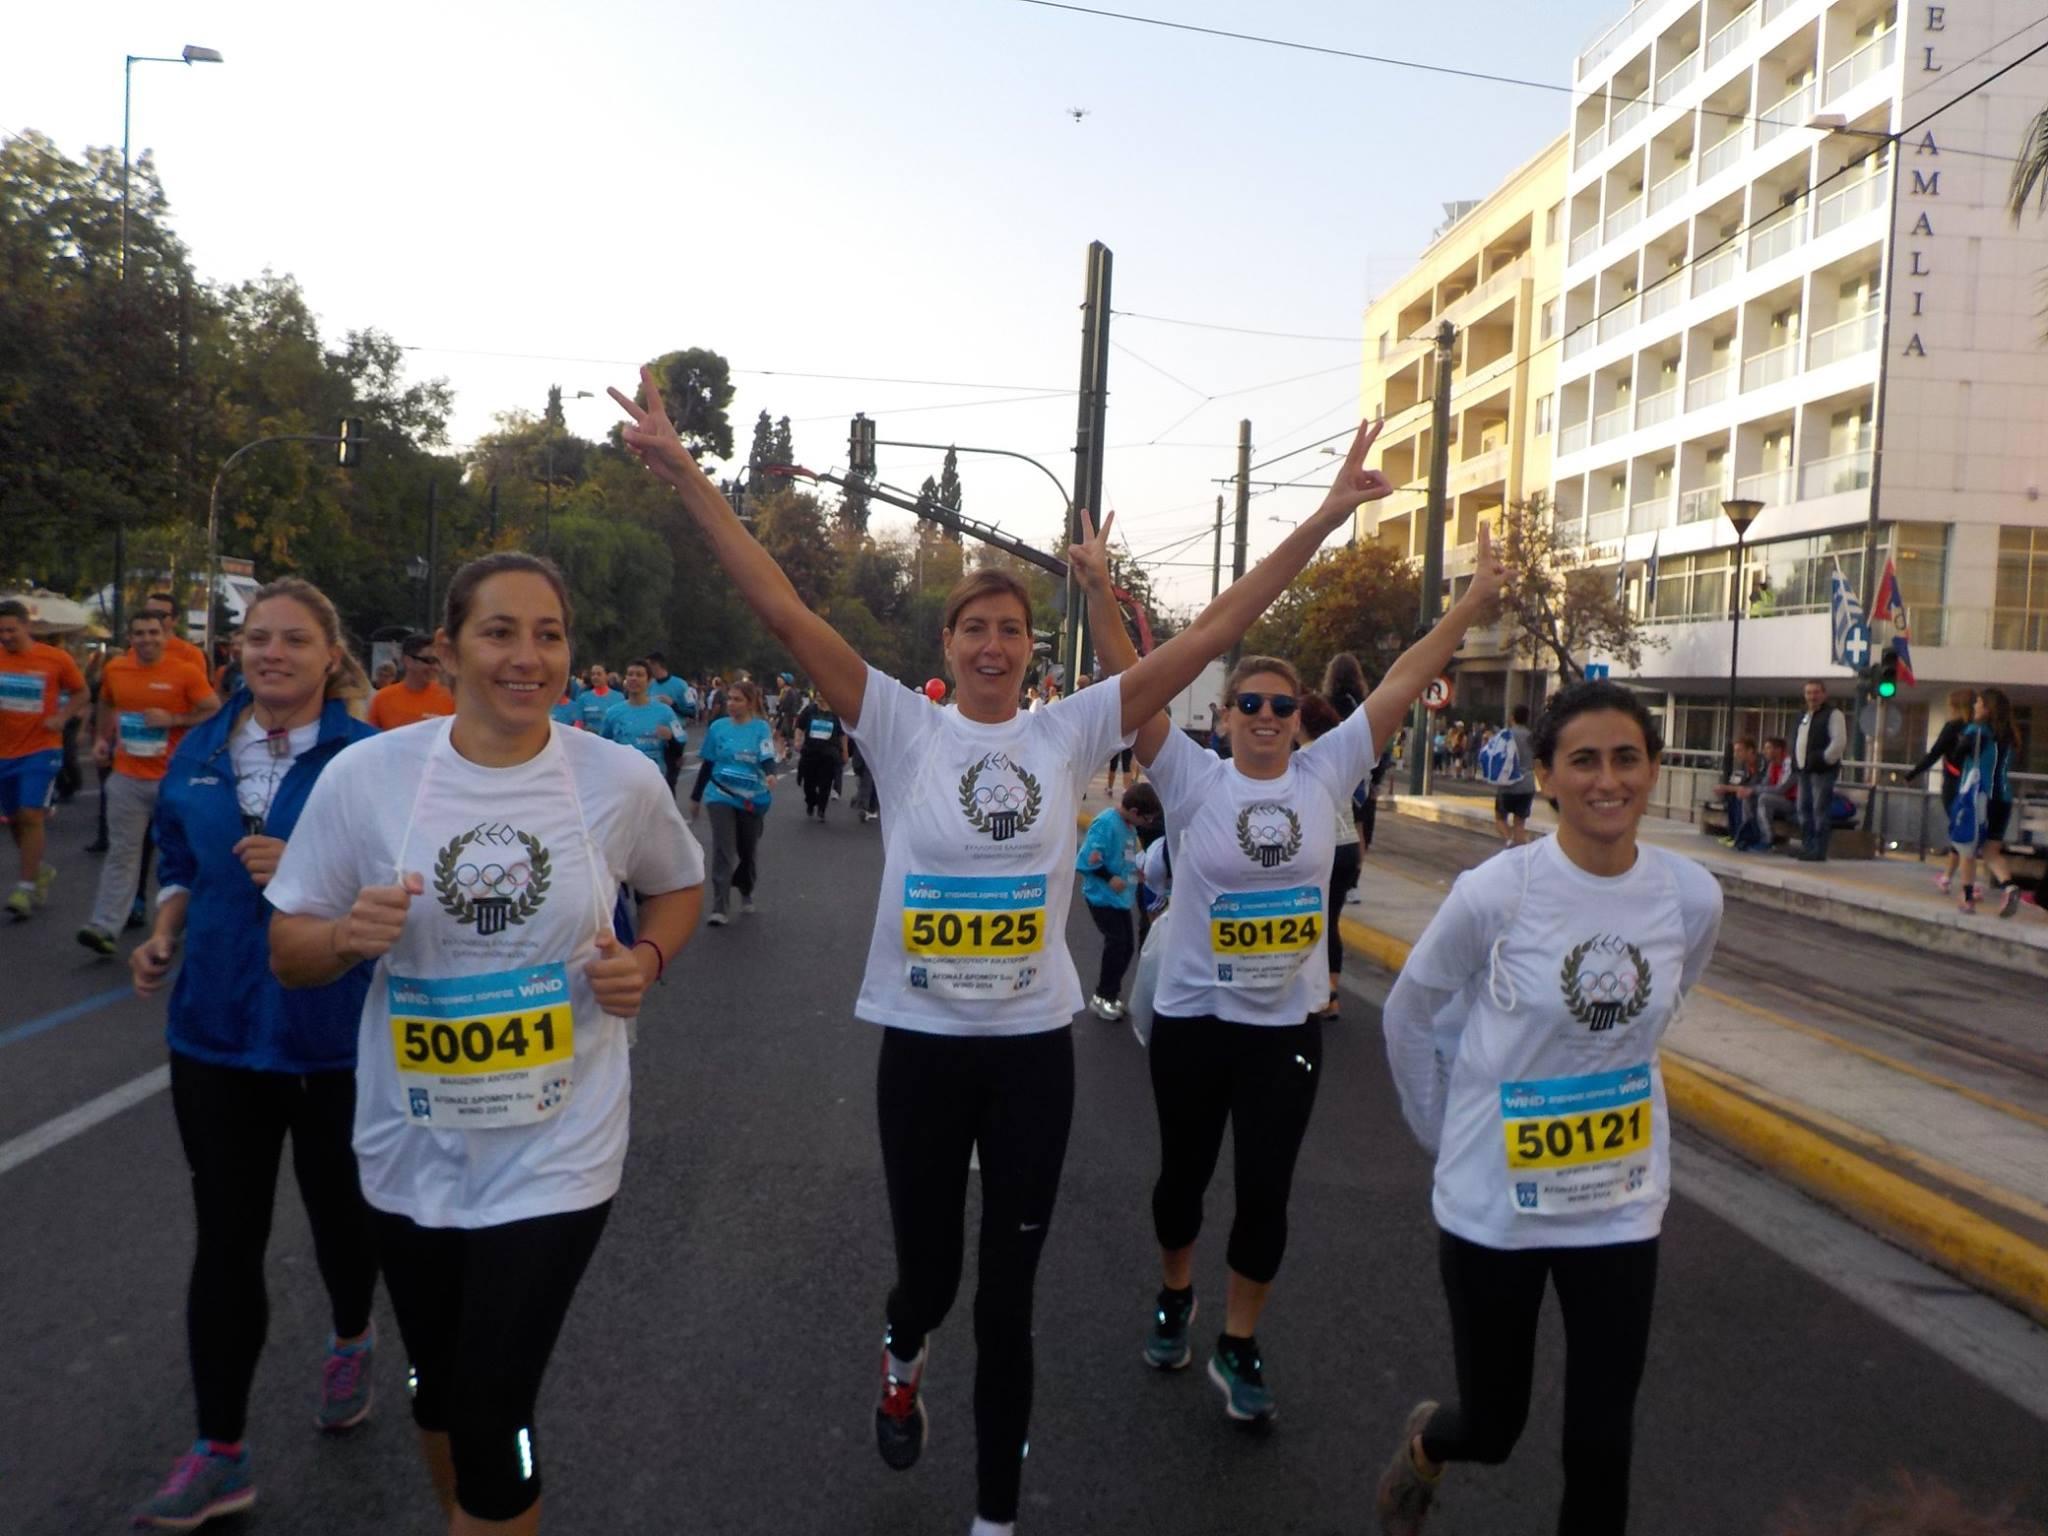 Σύλλογος Ελλήνων Ολυμπιονικών - Μαραθώνιος 5